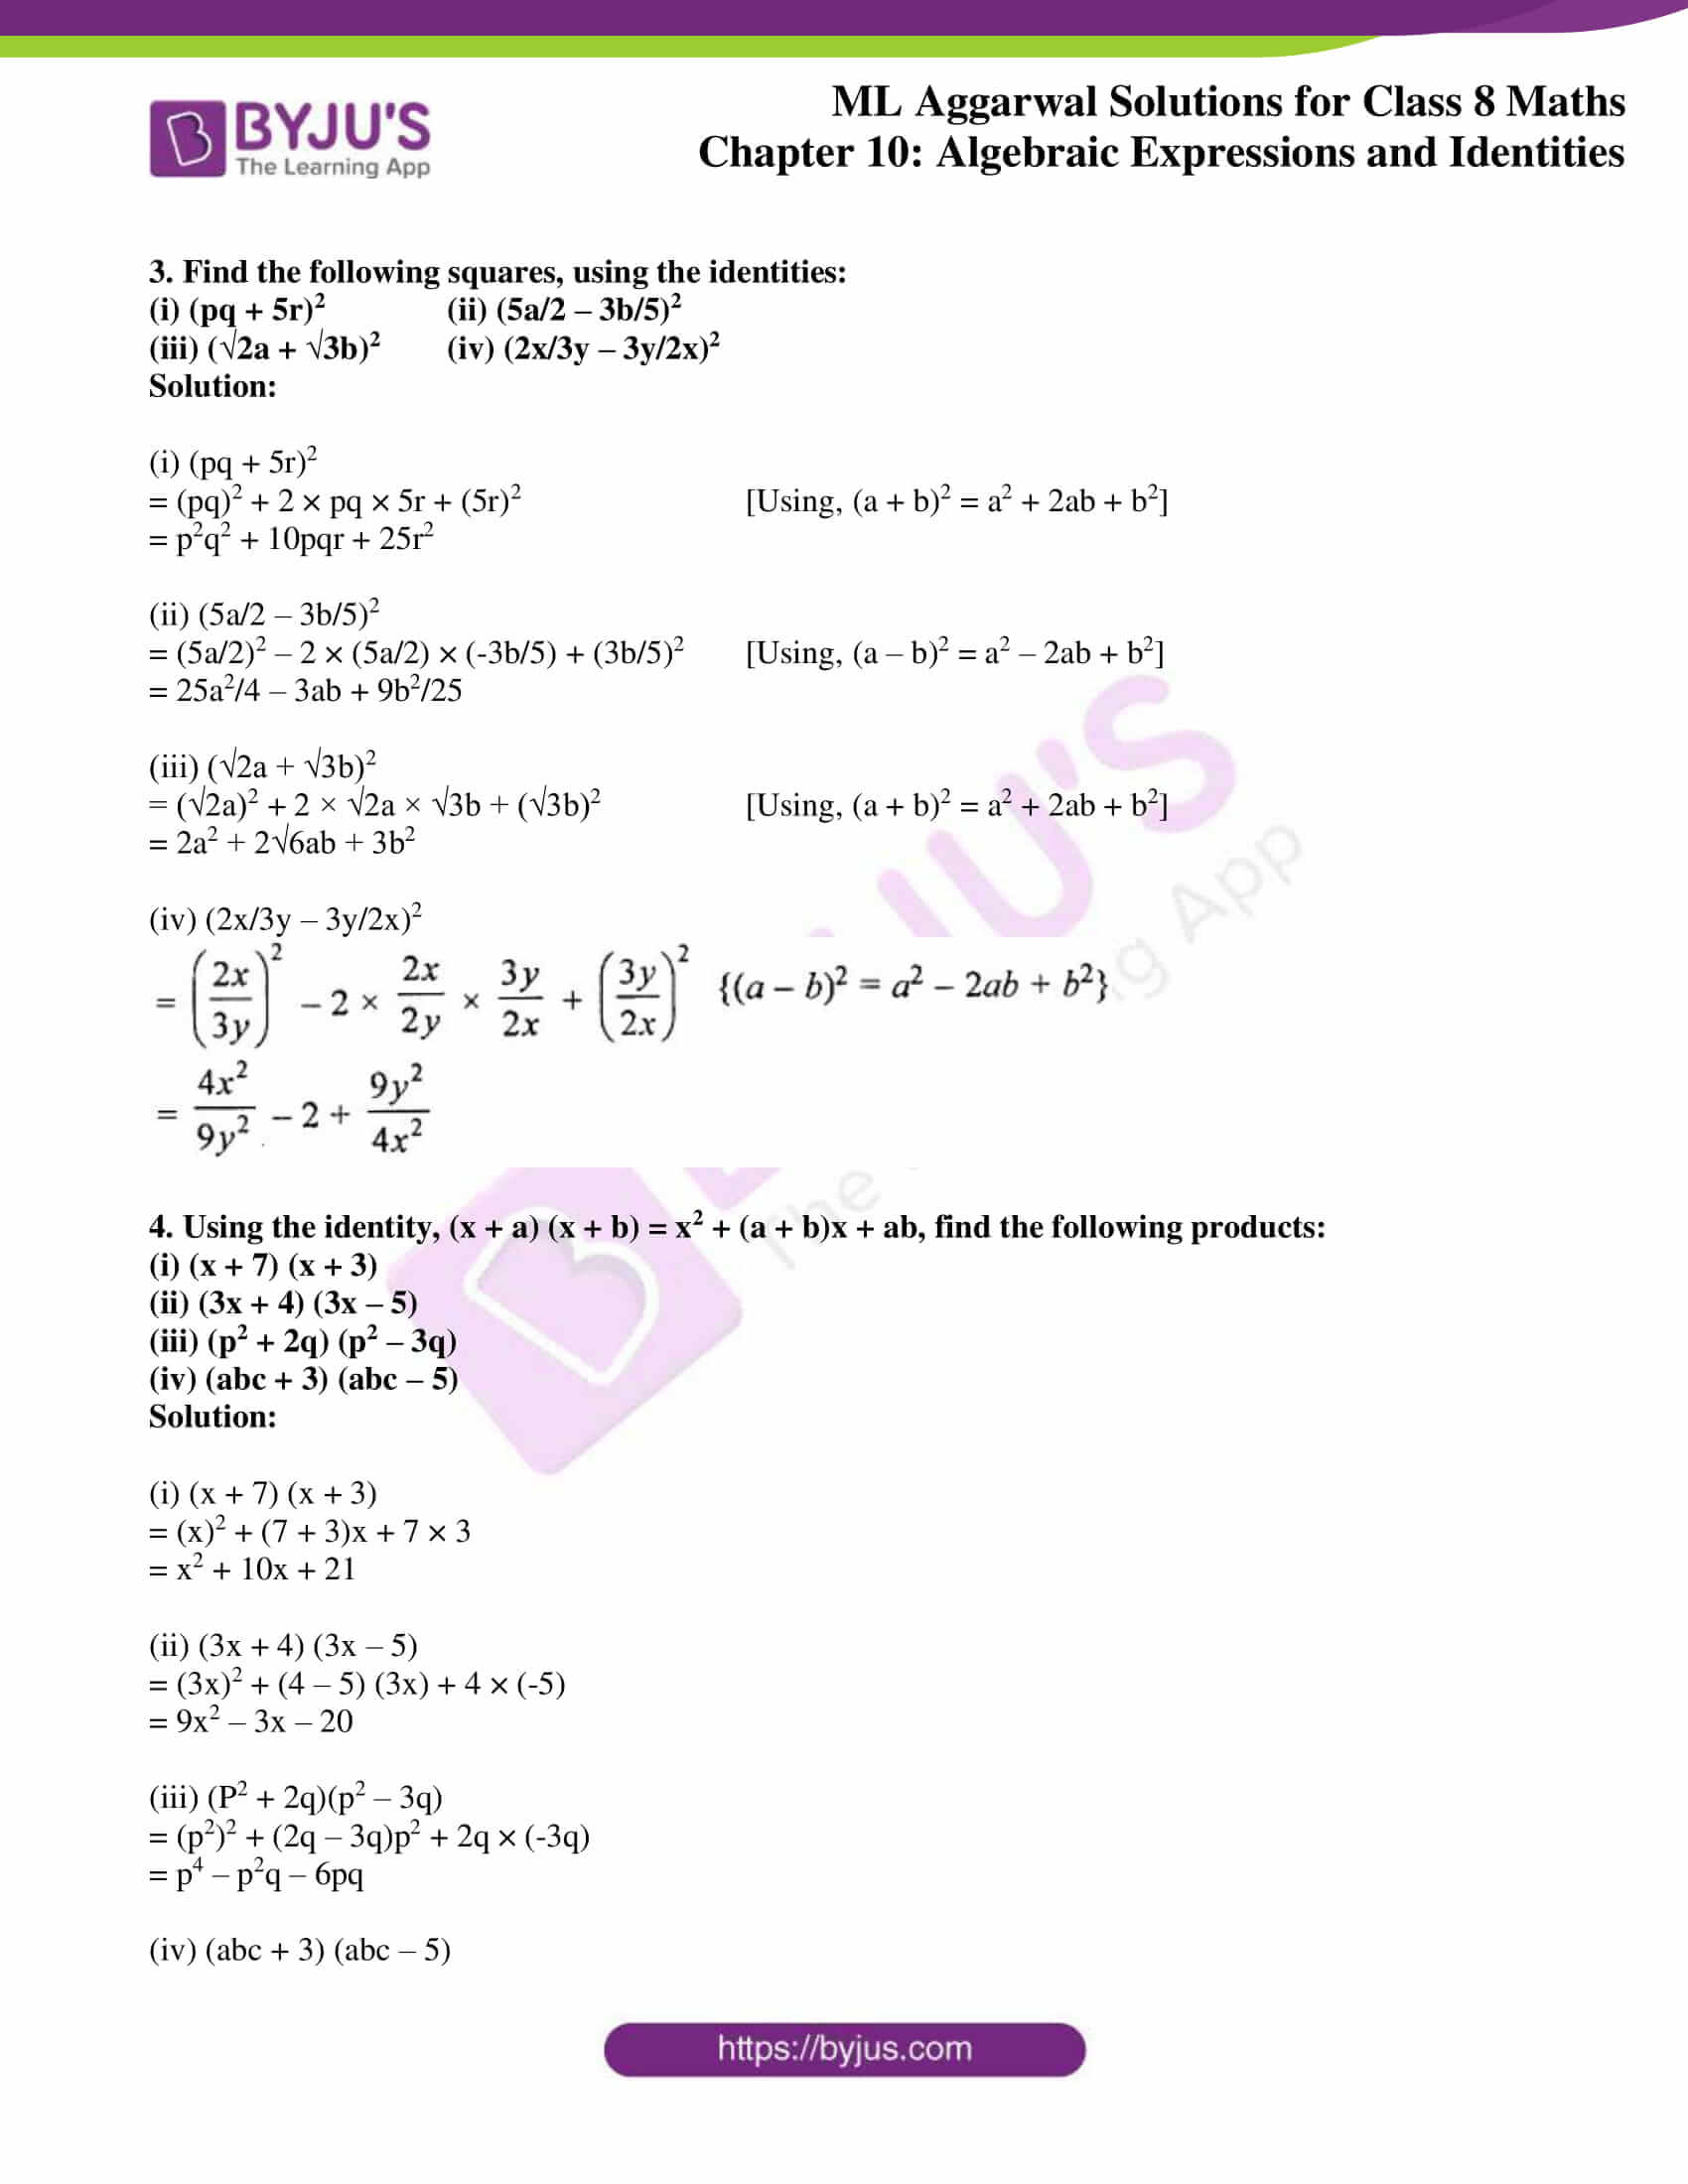 ml aggarwal sol mathematics class 8 ch 10 20